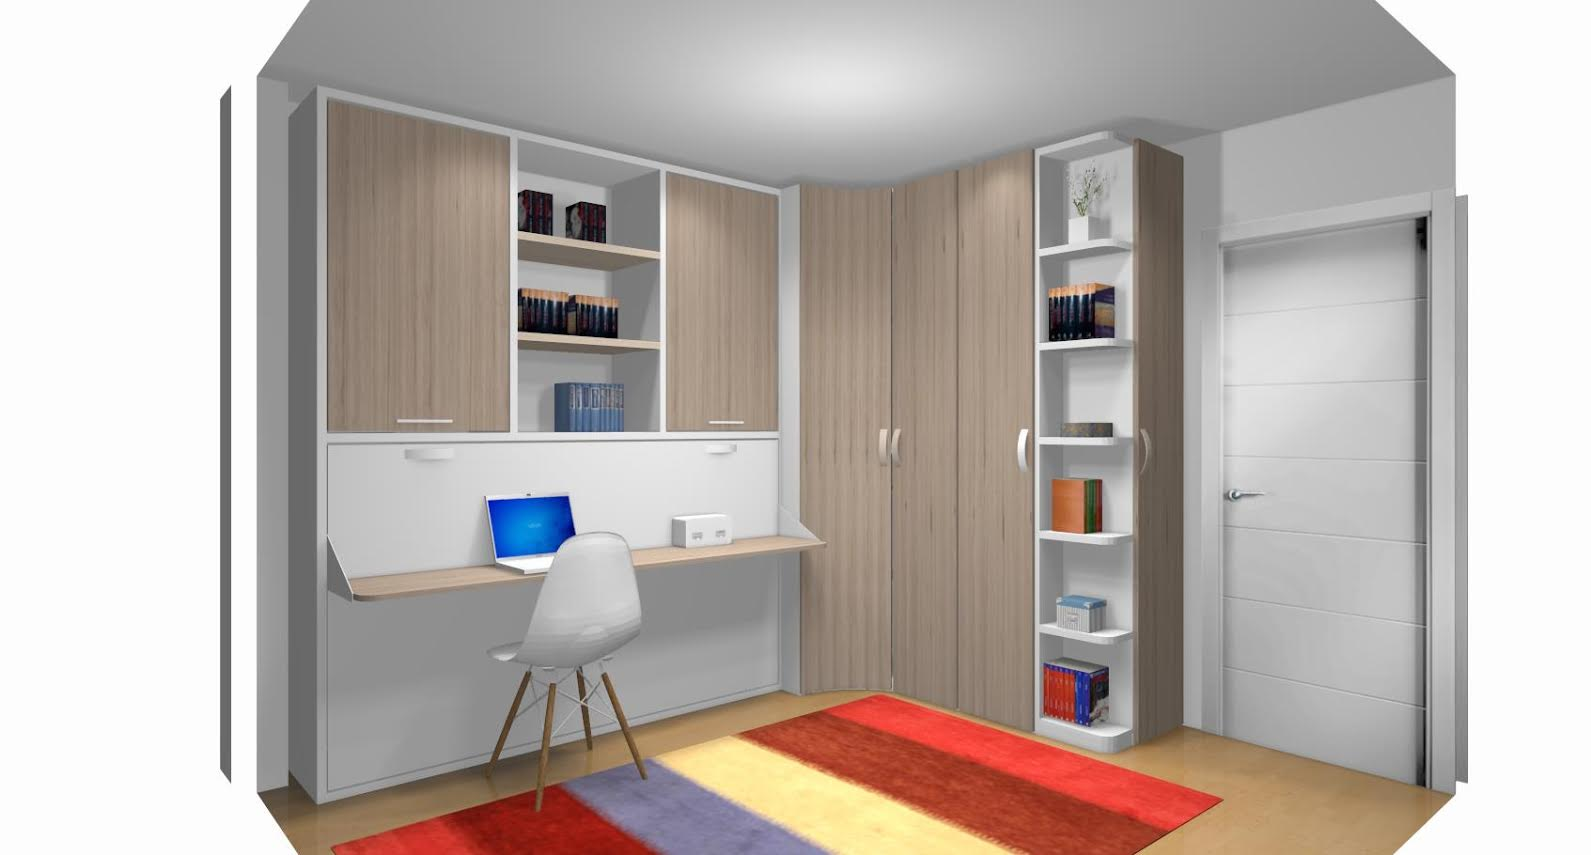 Como amueblar una habitaci n peque a - Amueblar dormitorio pequeno ...